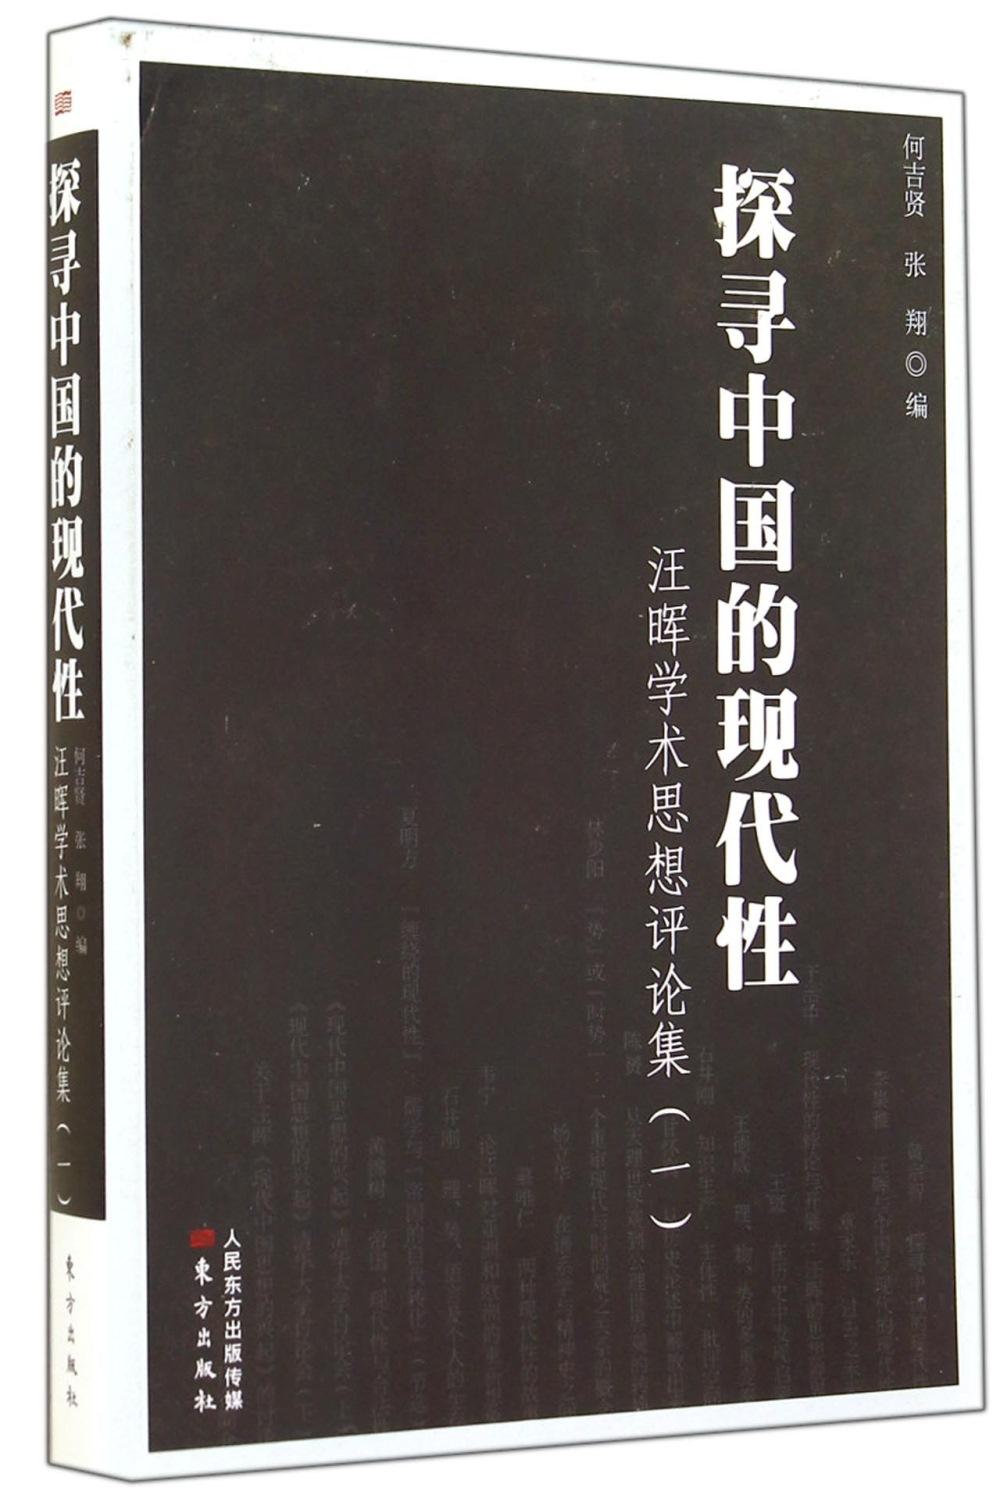 探尋中國的 性:汪暉學術思想評論集^(一^)